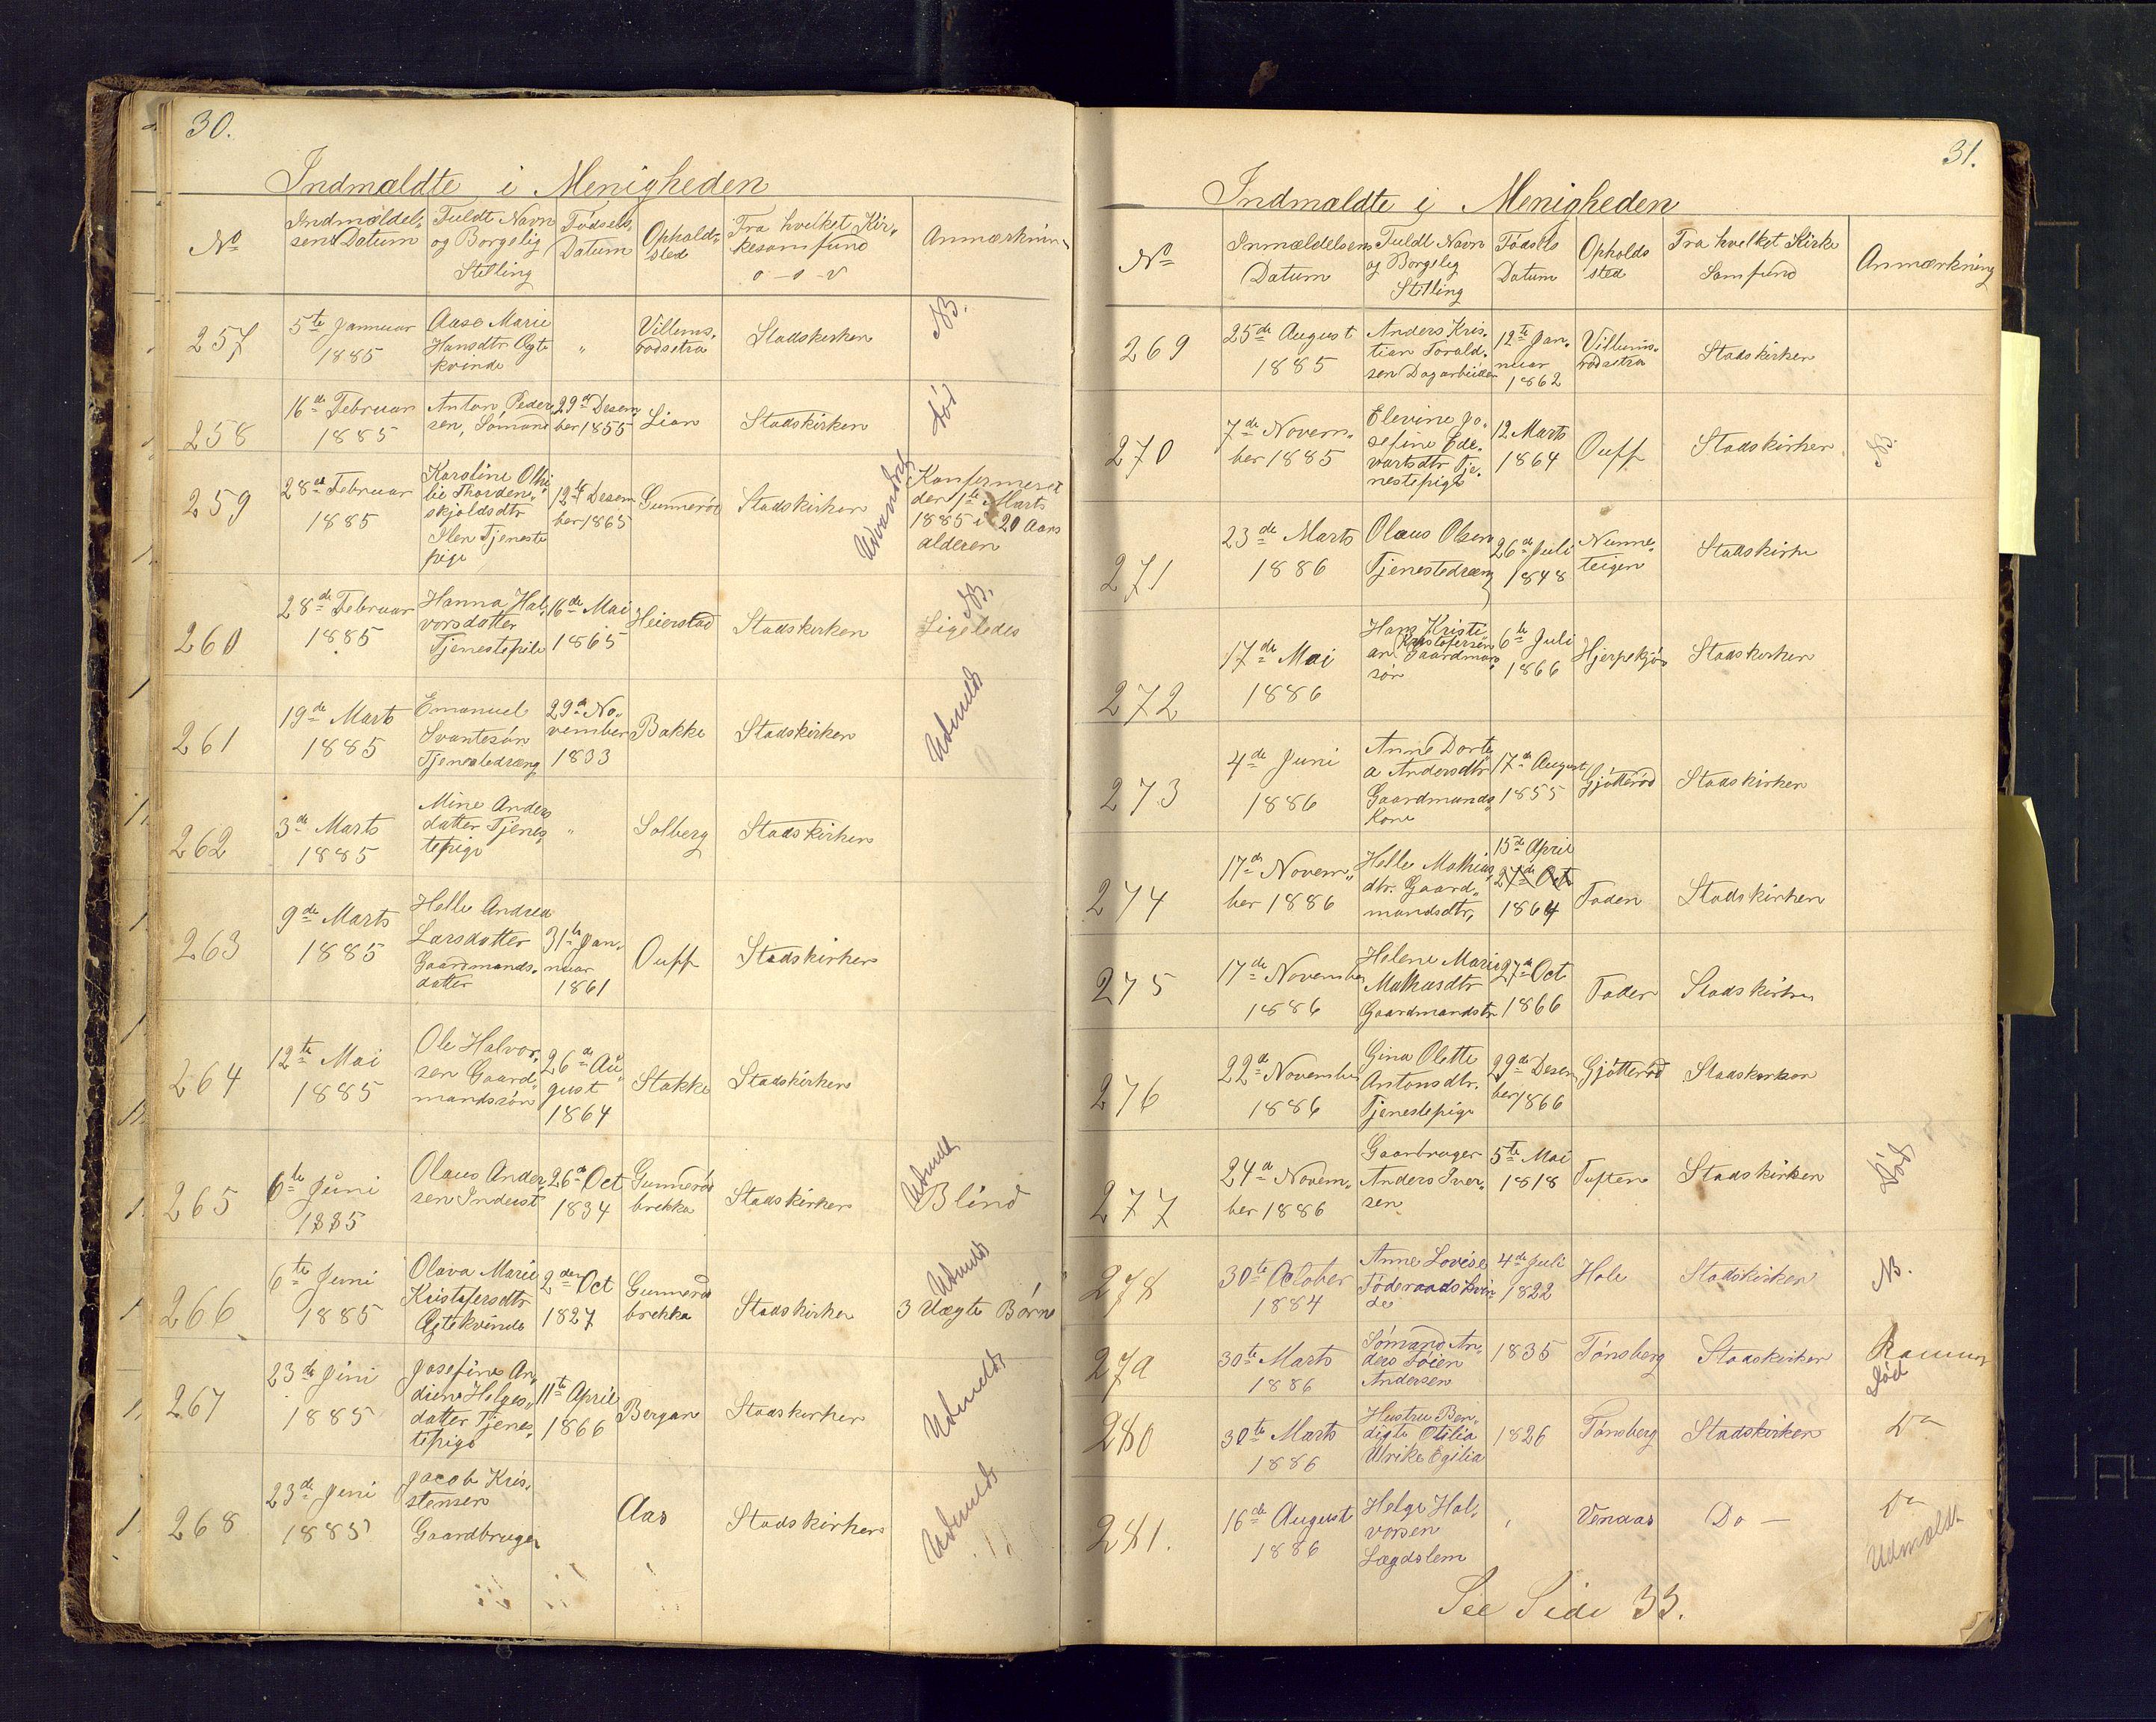 SAKO, Den evangelisk lutherske frimenighet i Jarlsbergs grevskap med flere steder, F/Fa/L0001: Dissenterprotokoll nr. Fa/L0001, 1872-1925, s. 30-31